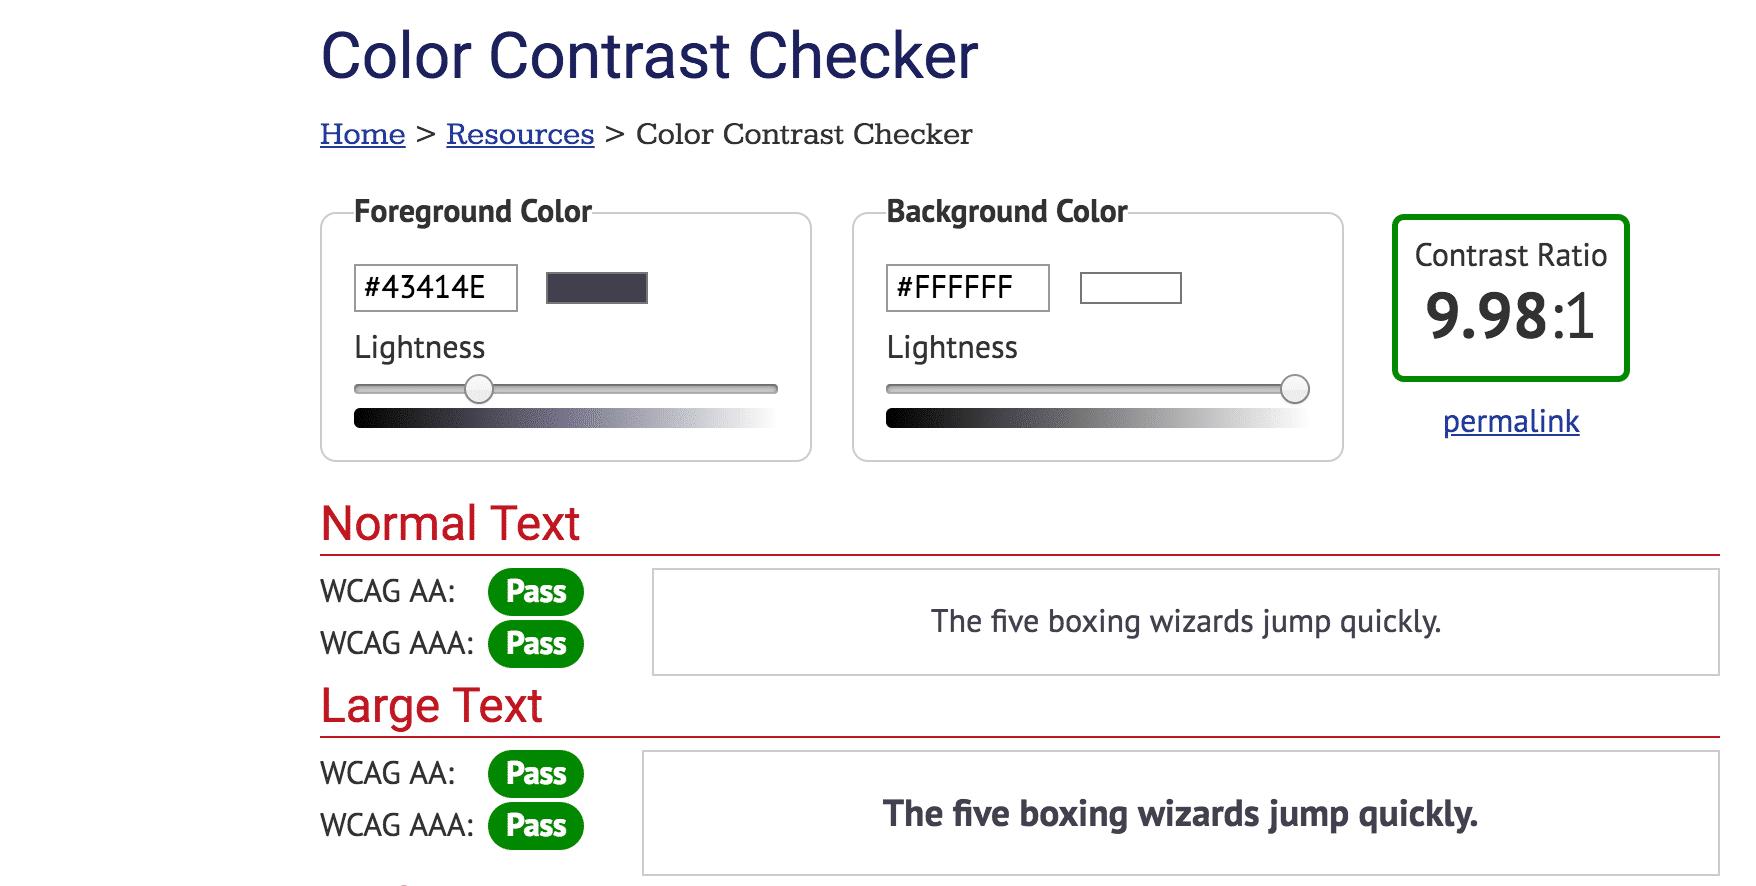 Herramienta de Color Contras Checker